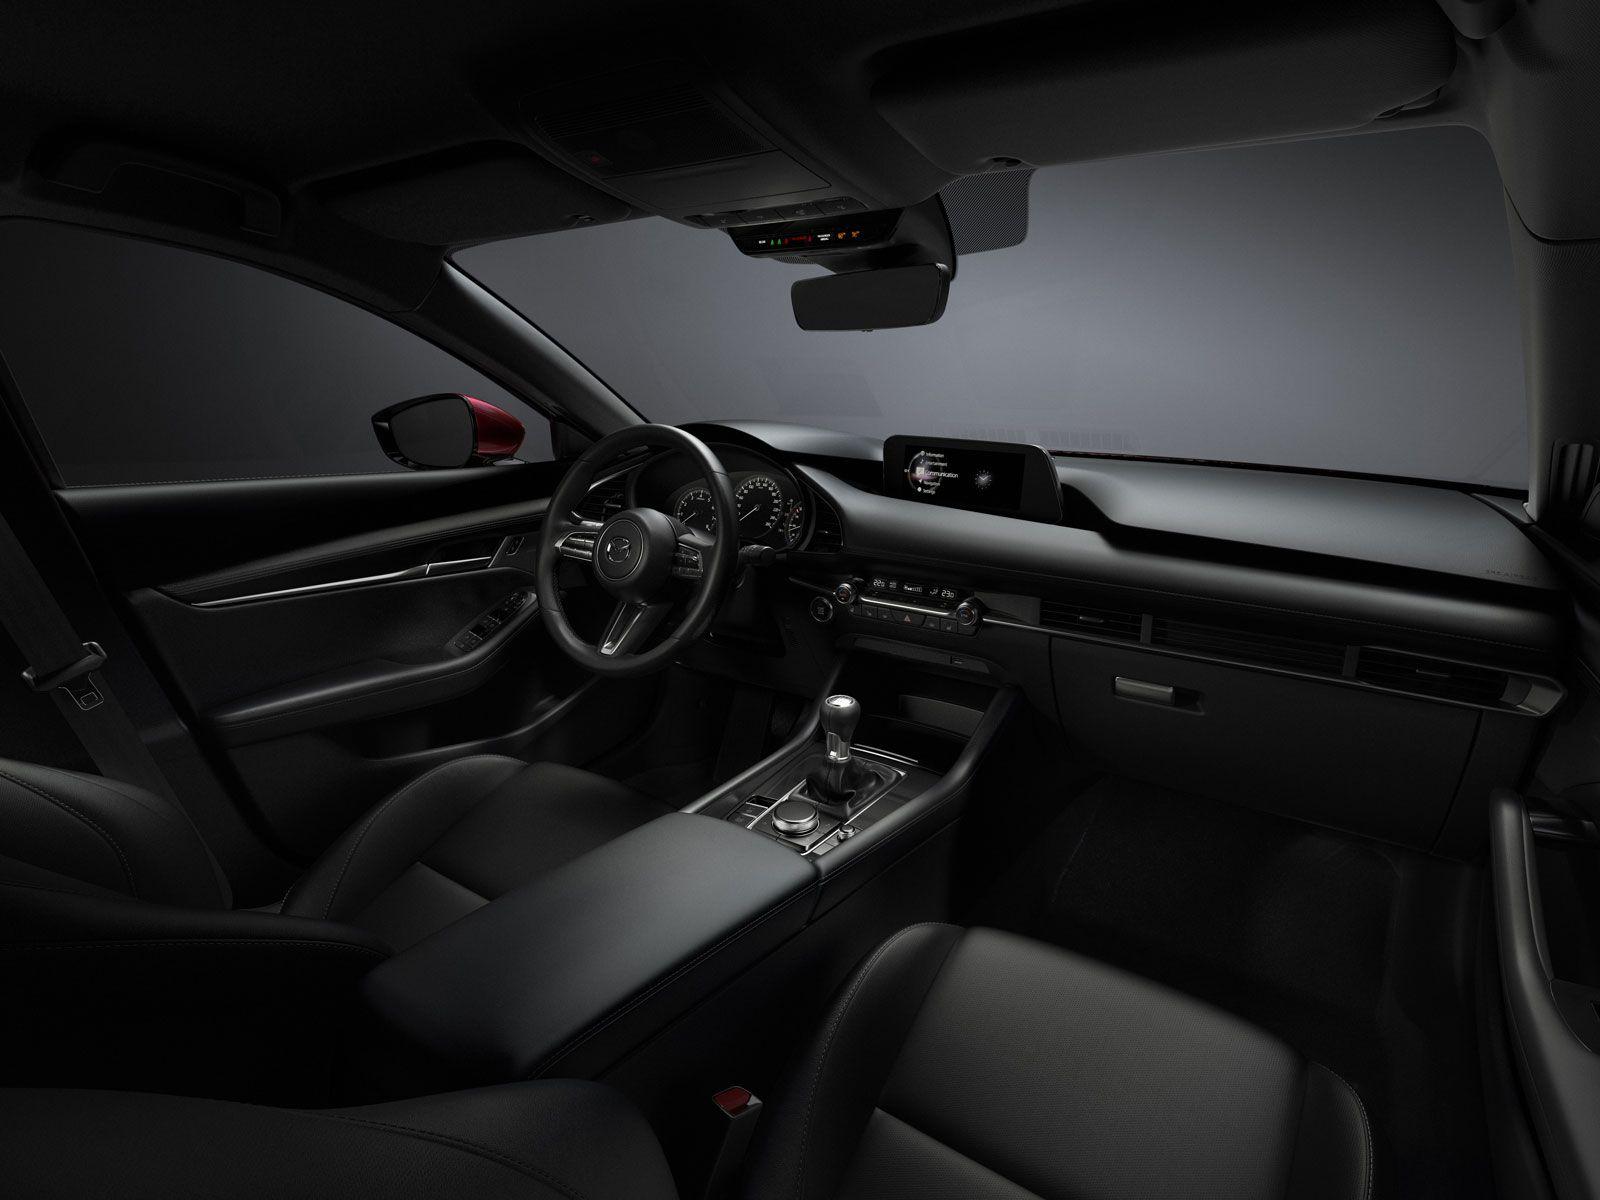 New Mazda3 Interior Design Mazda Mazda 3 Mazda 3 Sedan